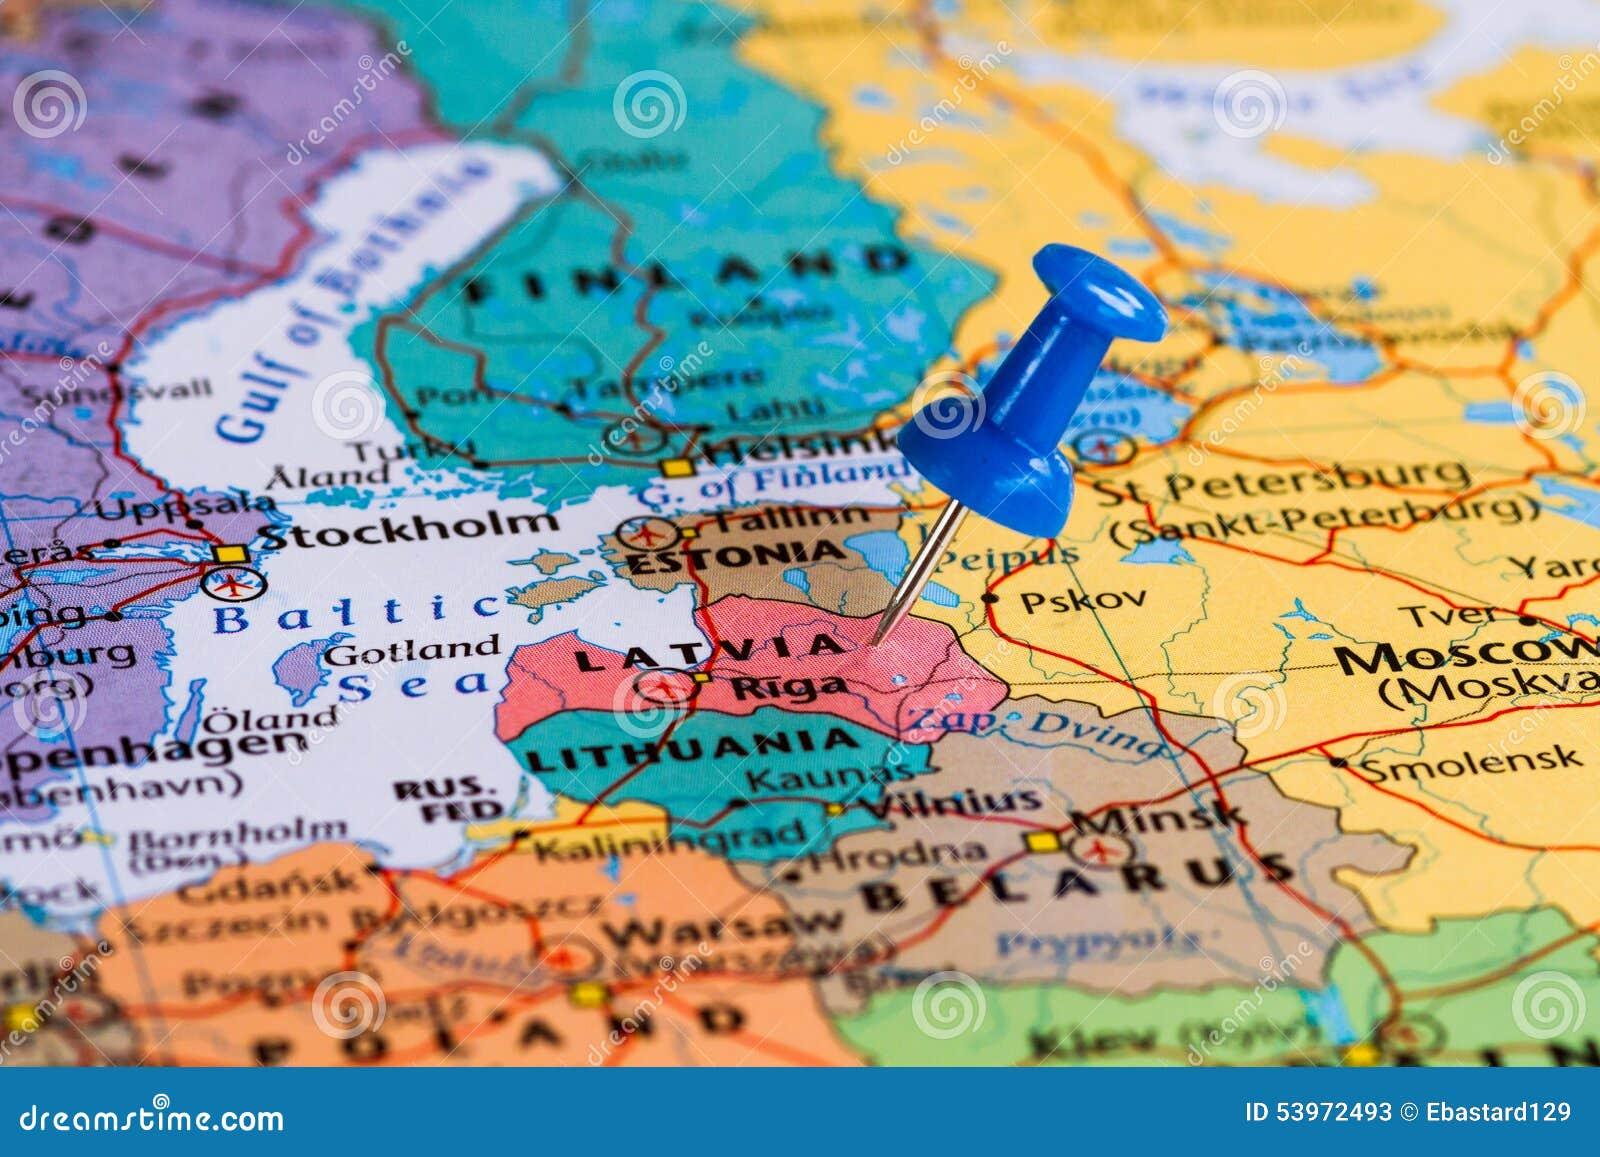 Αποτέλεσμα εικόνας για λετονία χάρτης